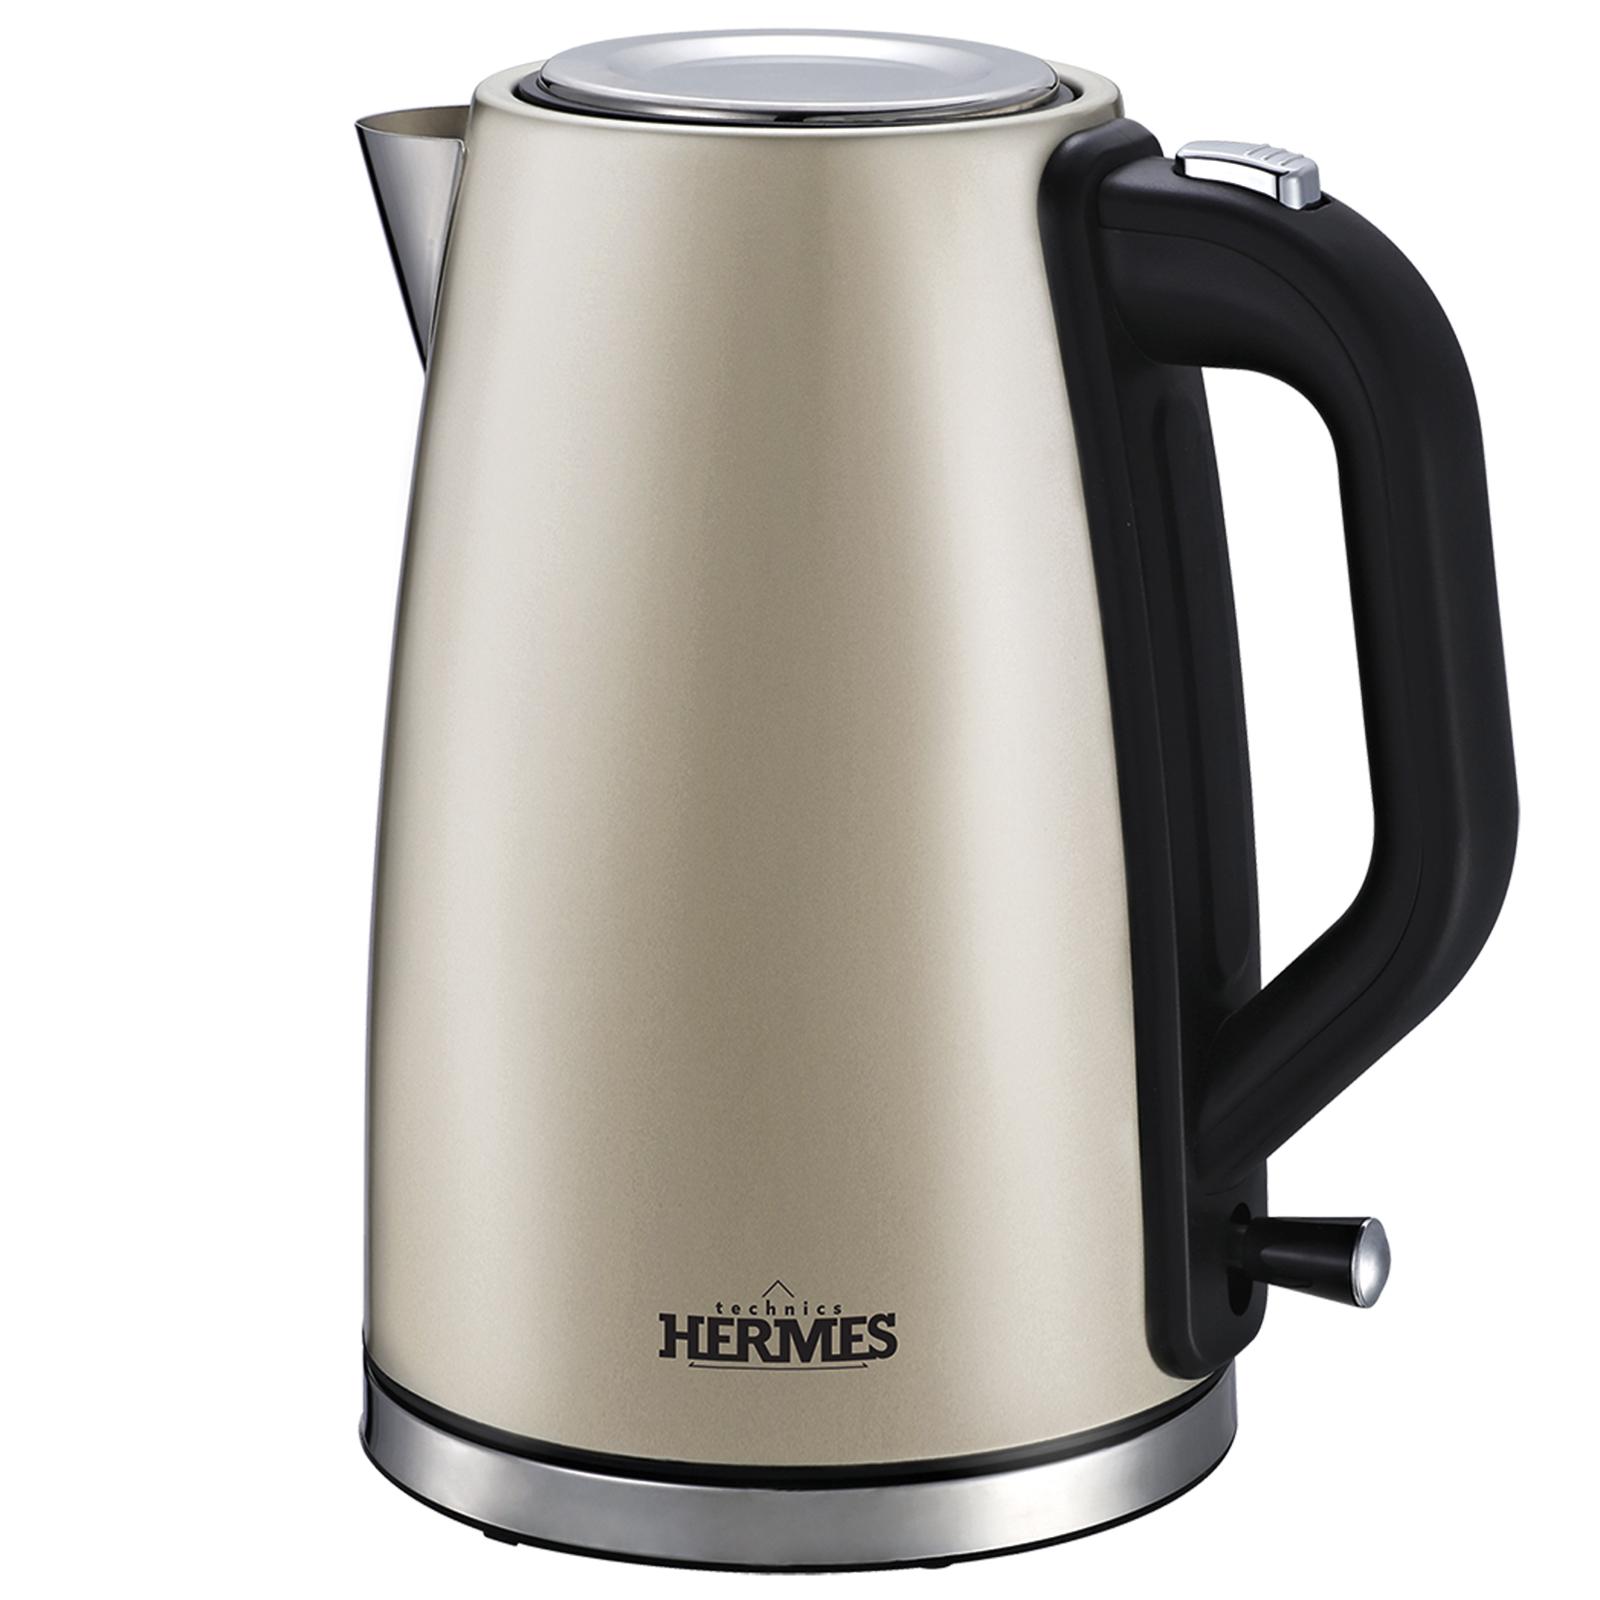 Электрический чайник Hermes Technics HT-EK704, EK16159, золотой электрический чайник hermes technics ht ek704 ek16159 золотой